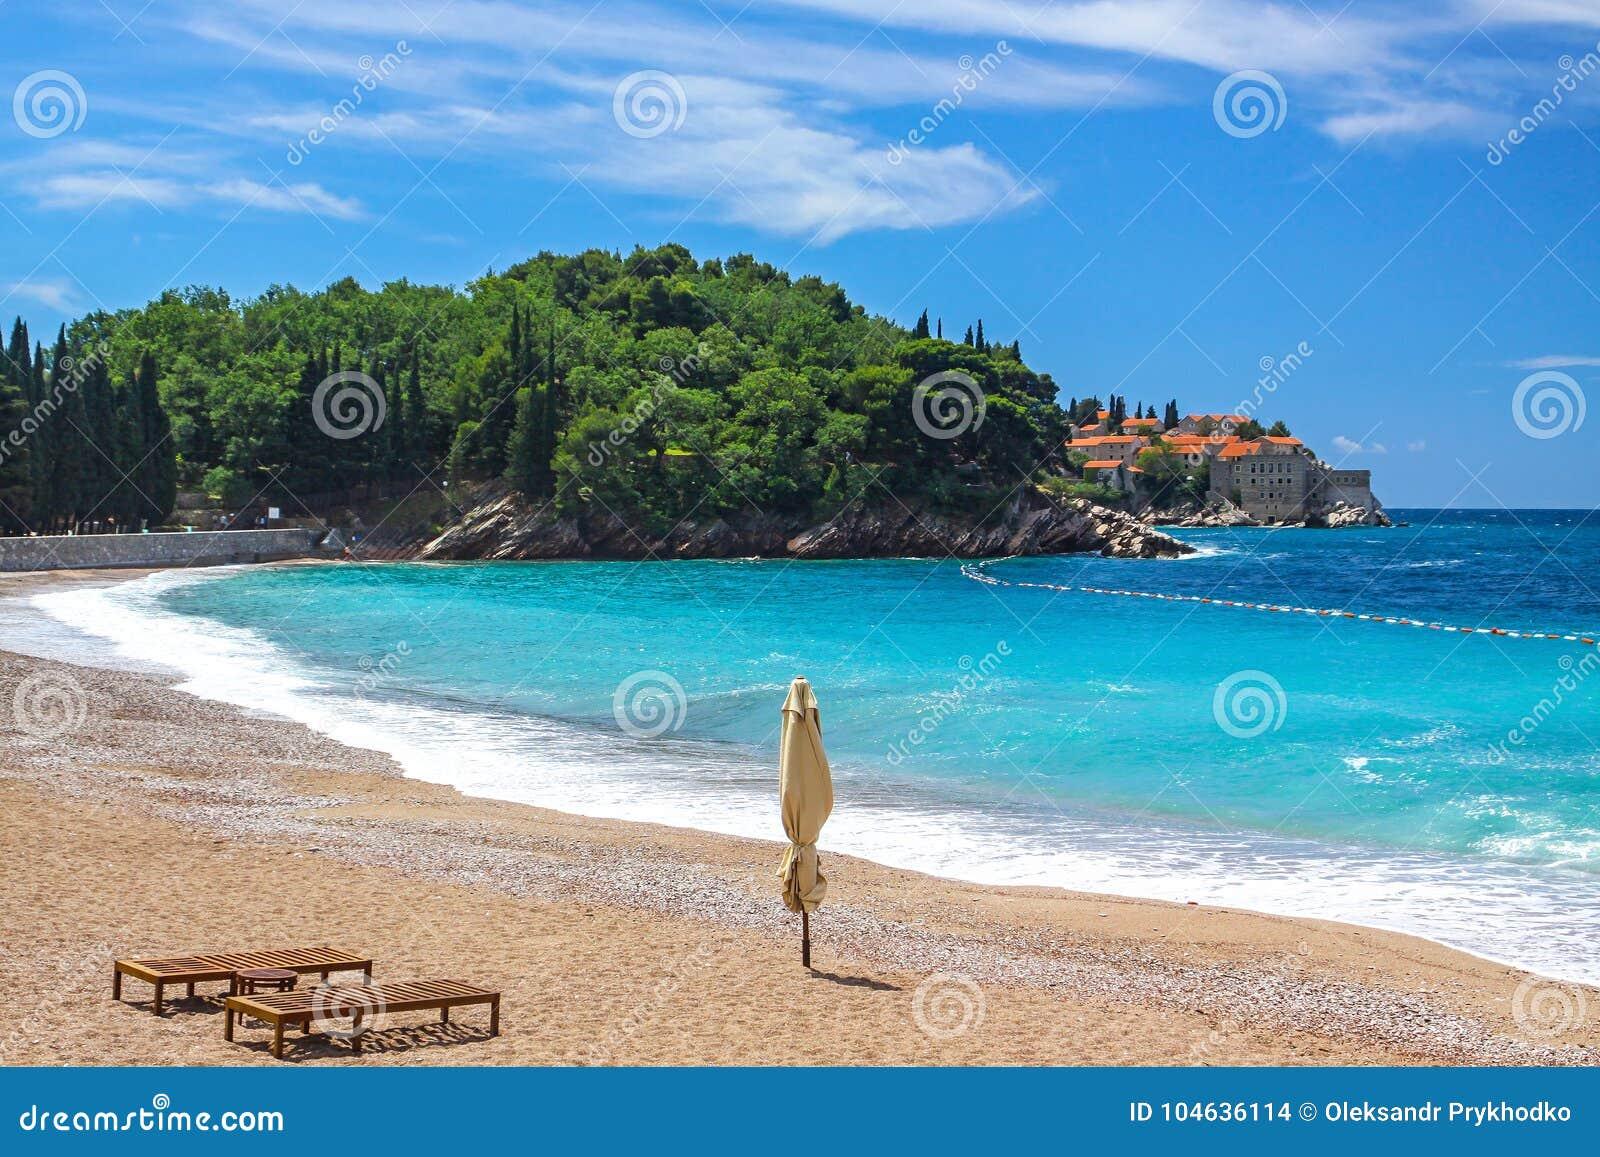 Download Het Plein Van Milocer Van Het Milocerstrand, Sveti Stefan, Montenegro Stock Foto - Afbeelding bestaande uit stoel, landschap: 104636114